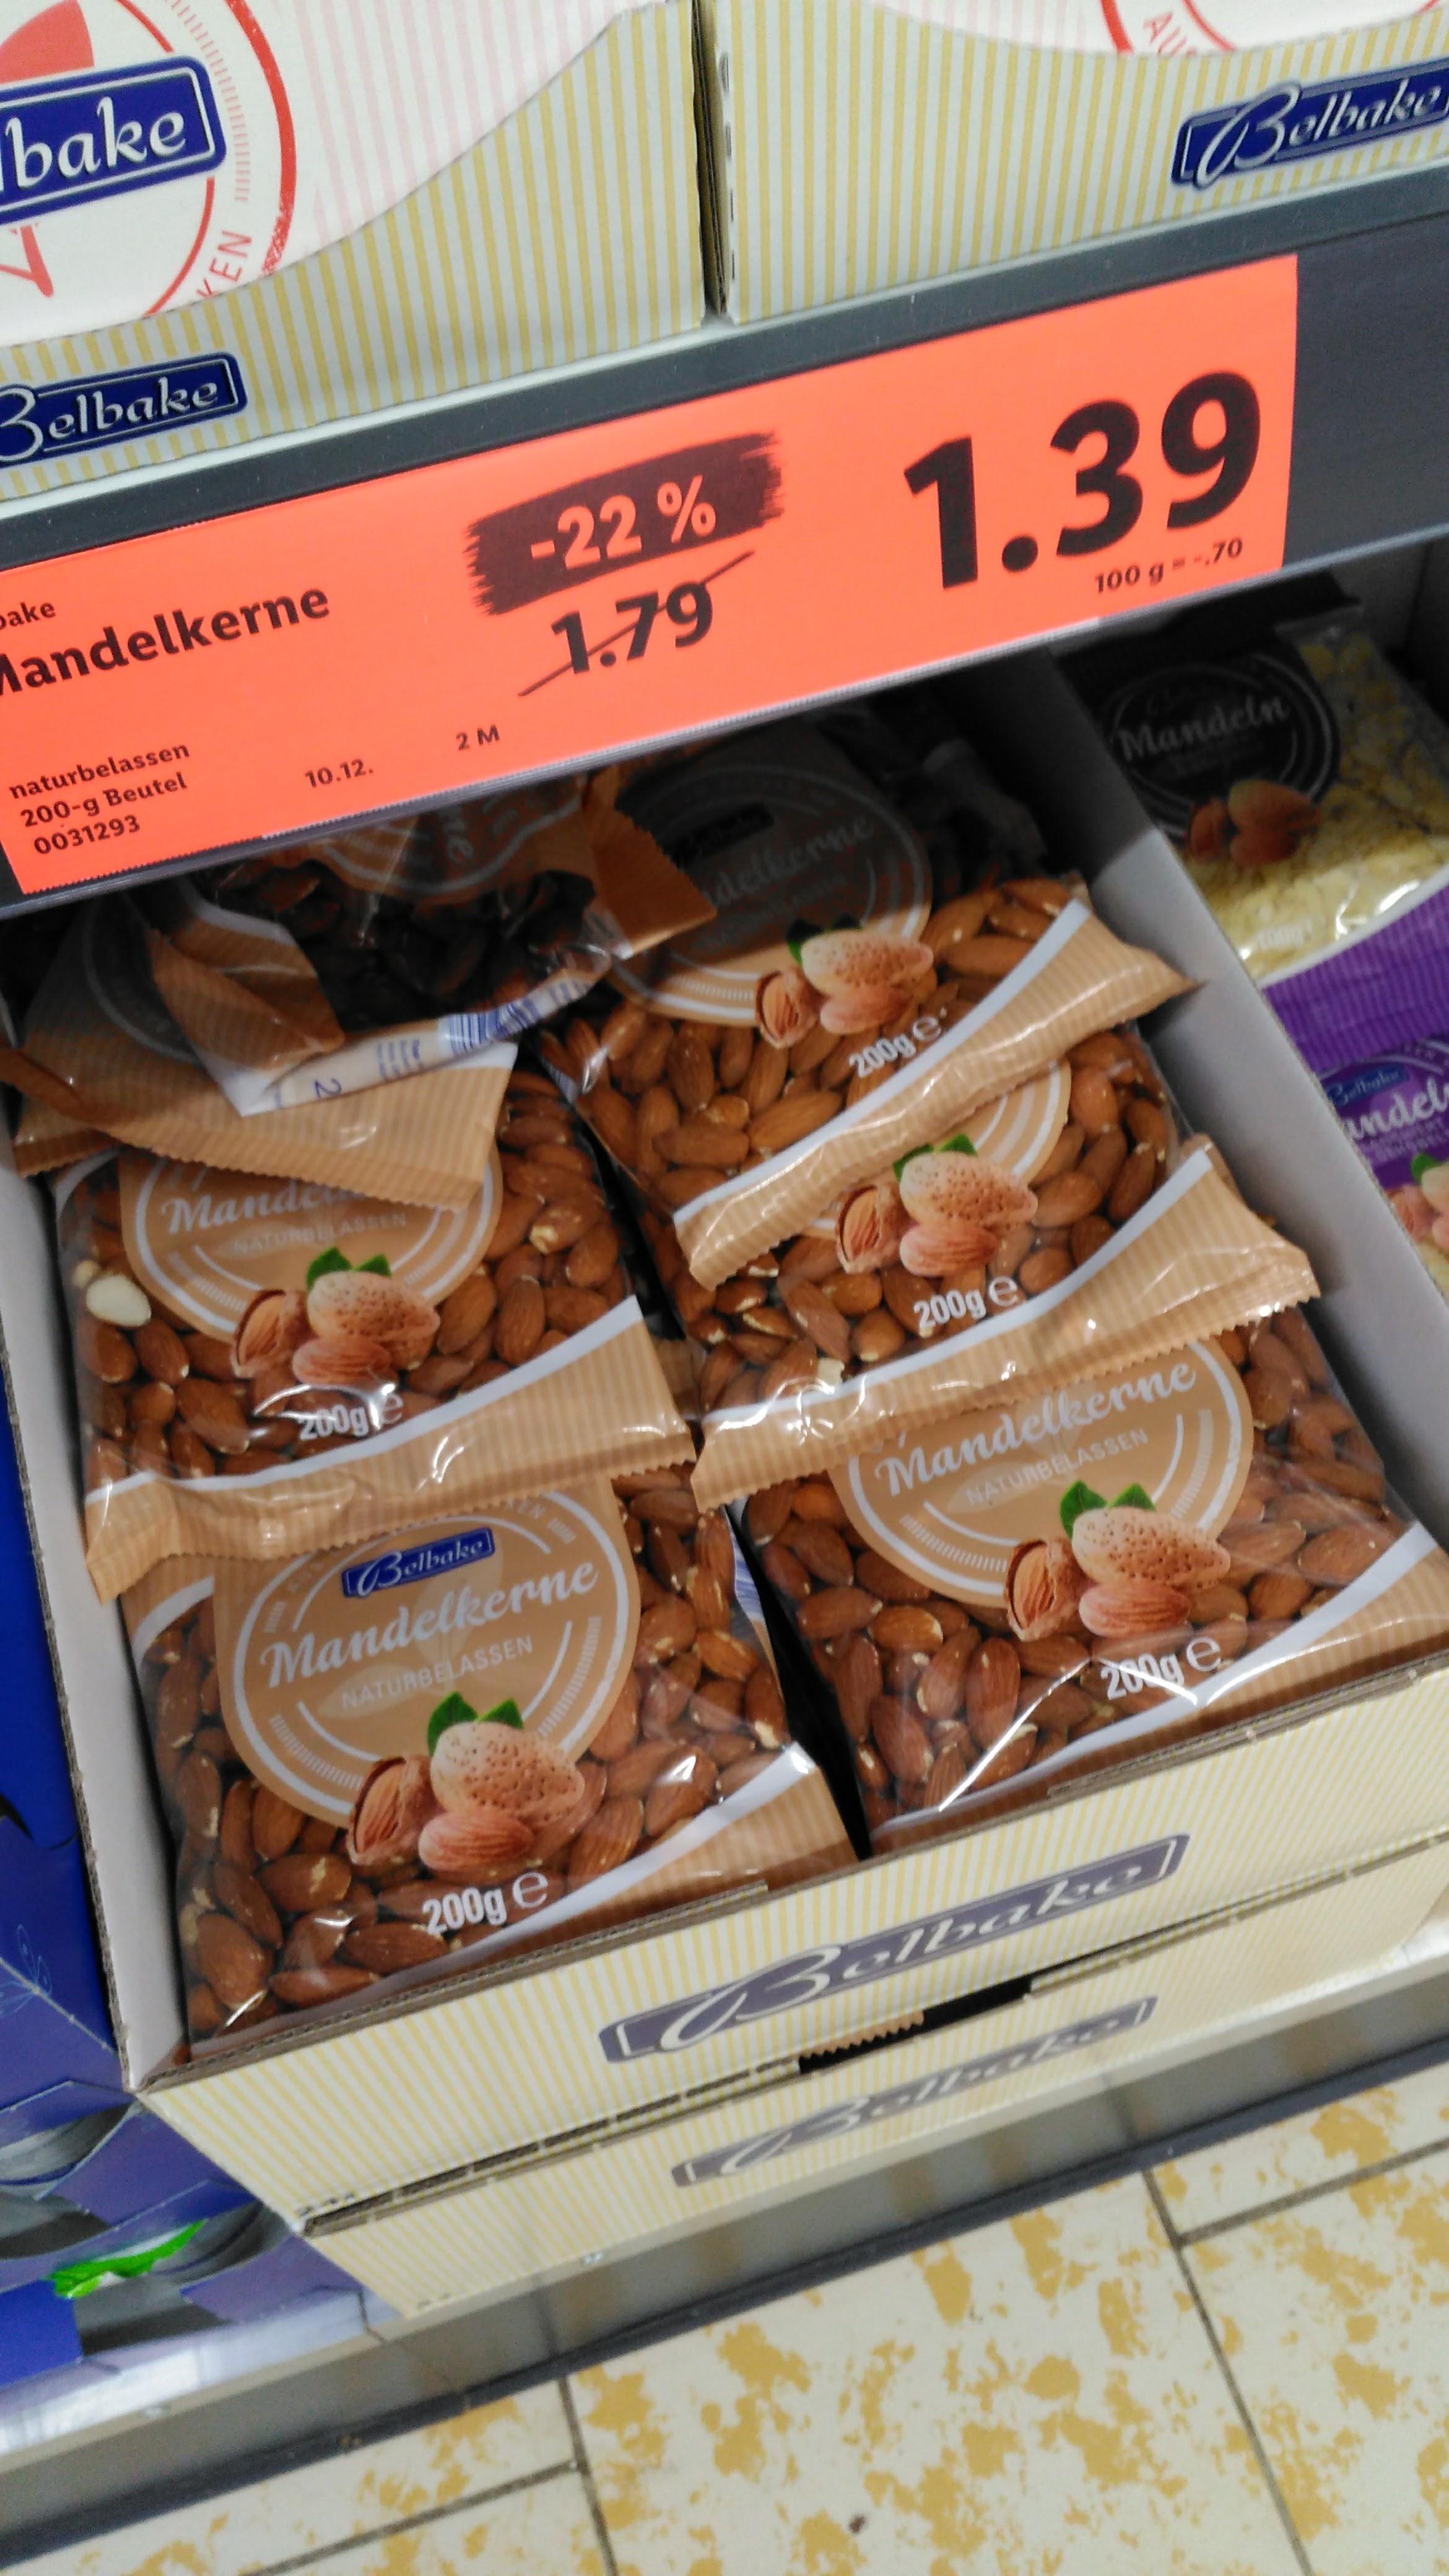 [Lidl, offline] Mandeln, ungeschält, als 200-Gramm-Packung 1,39 statt 1,79 € (- 22 %), bis 10. 12.